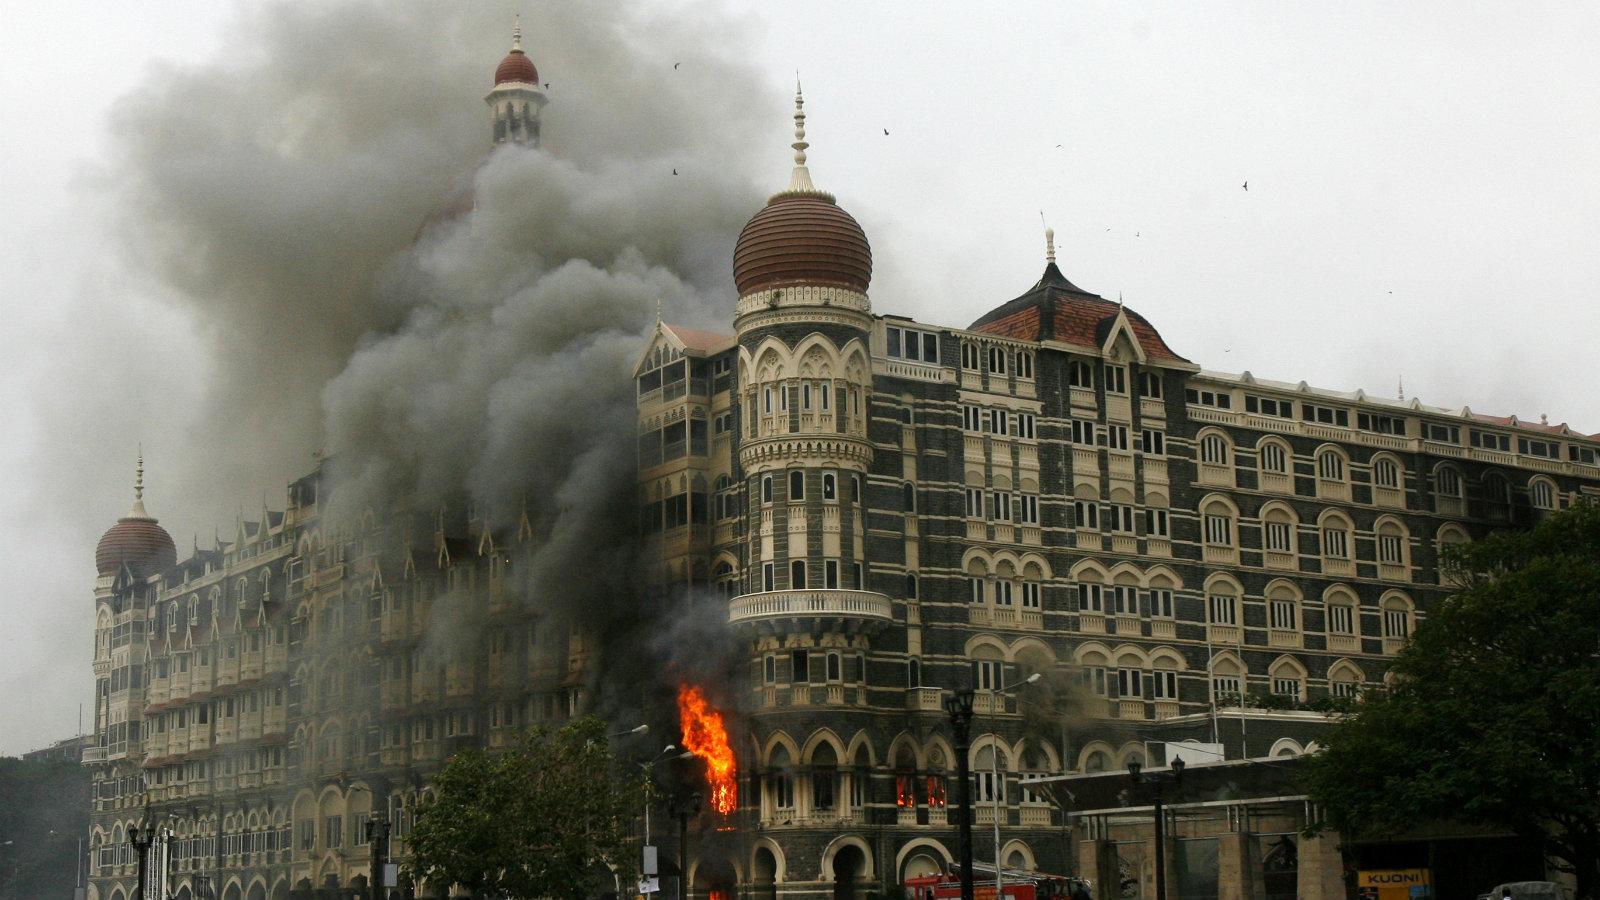 INDIA-26/11-DAVID HEADELY